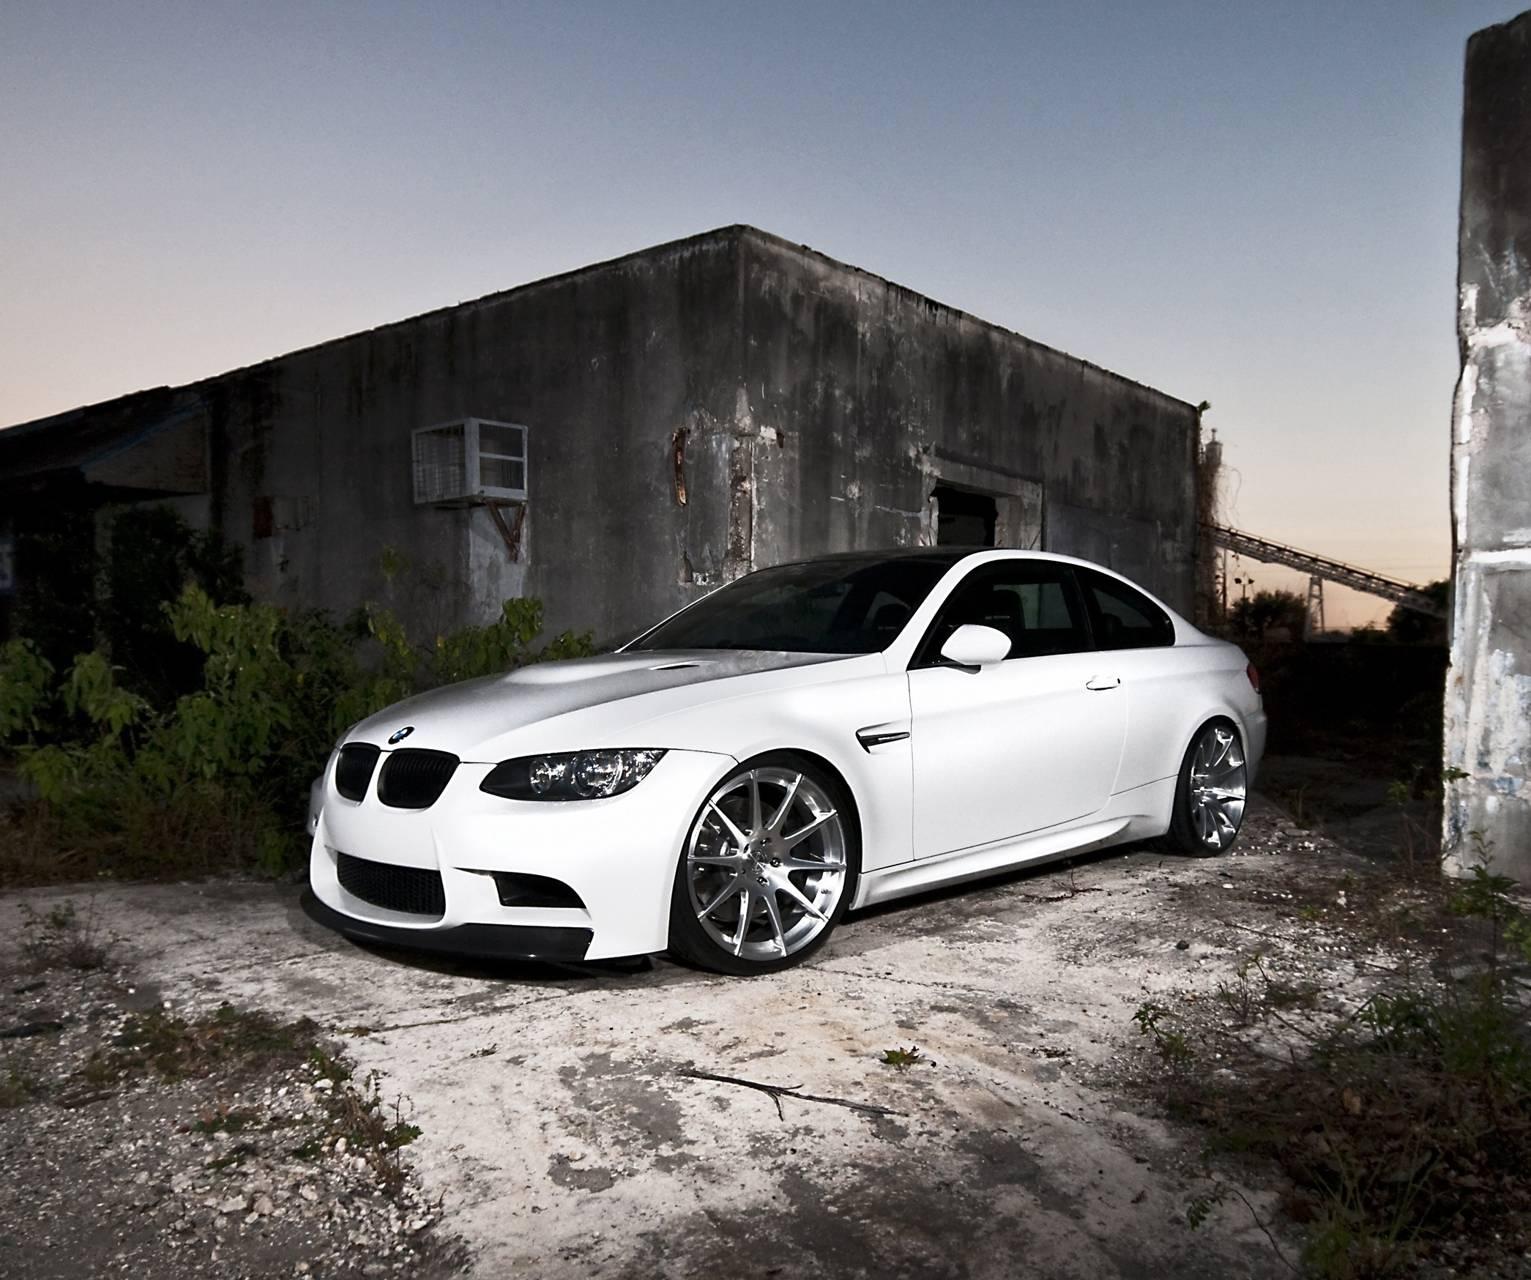 M3 Hd White